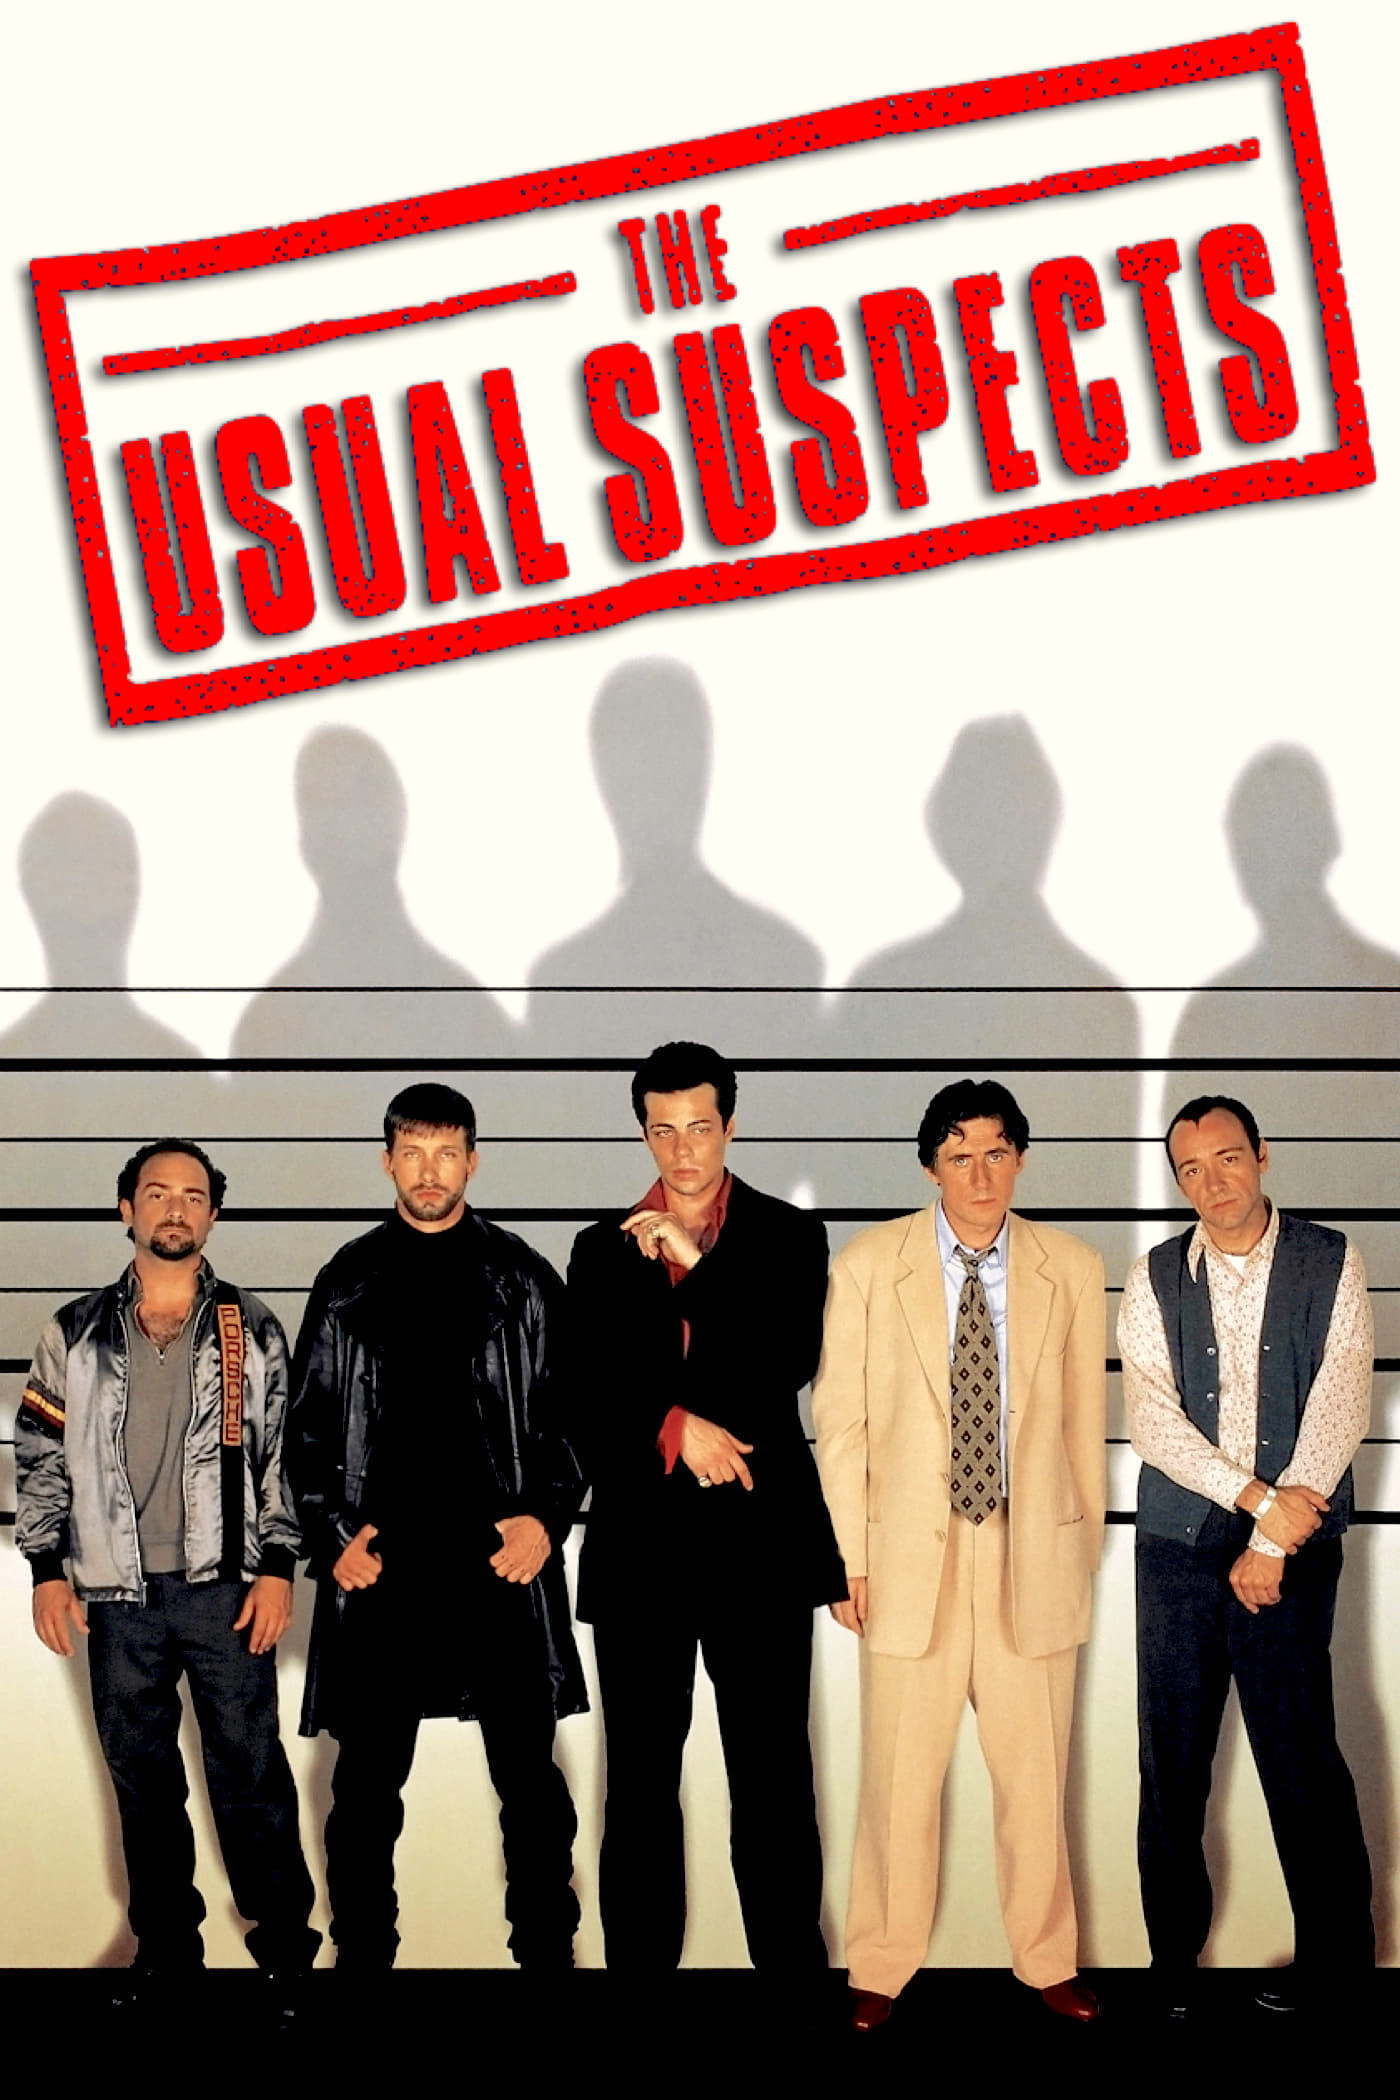 घड़ी The Usual Suspects (1995) निशुल्क ऑनालइन